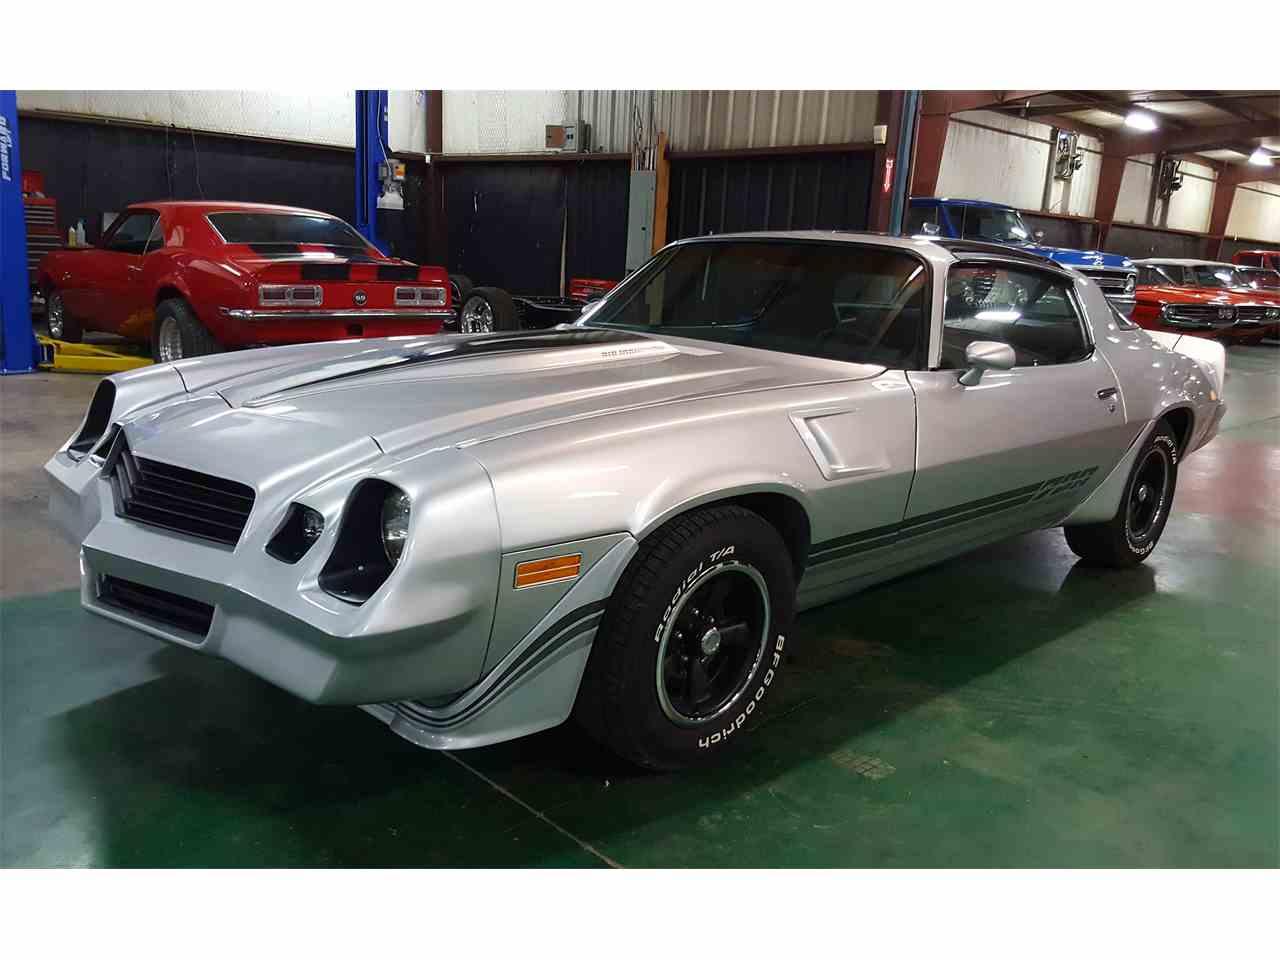 1980 Chevrolet Camaro Z28 For Sale Classiccars Com Cc